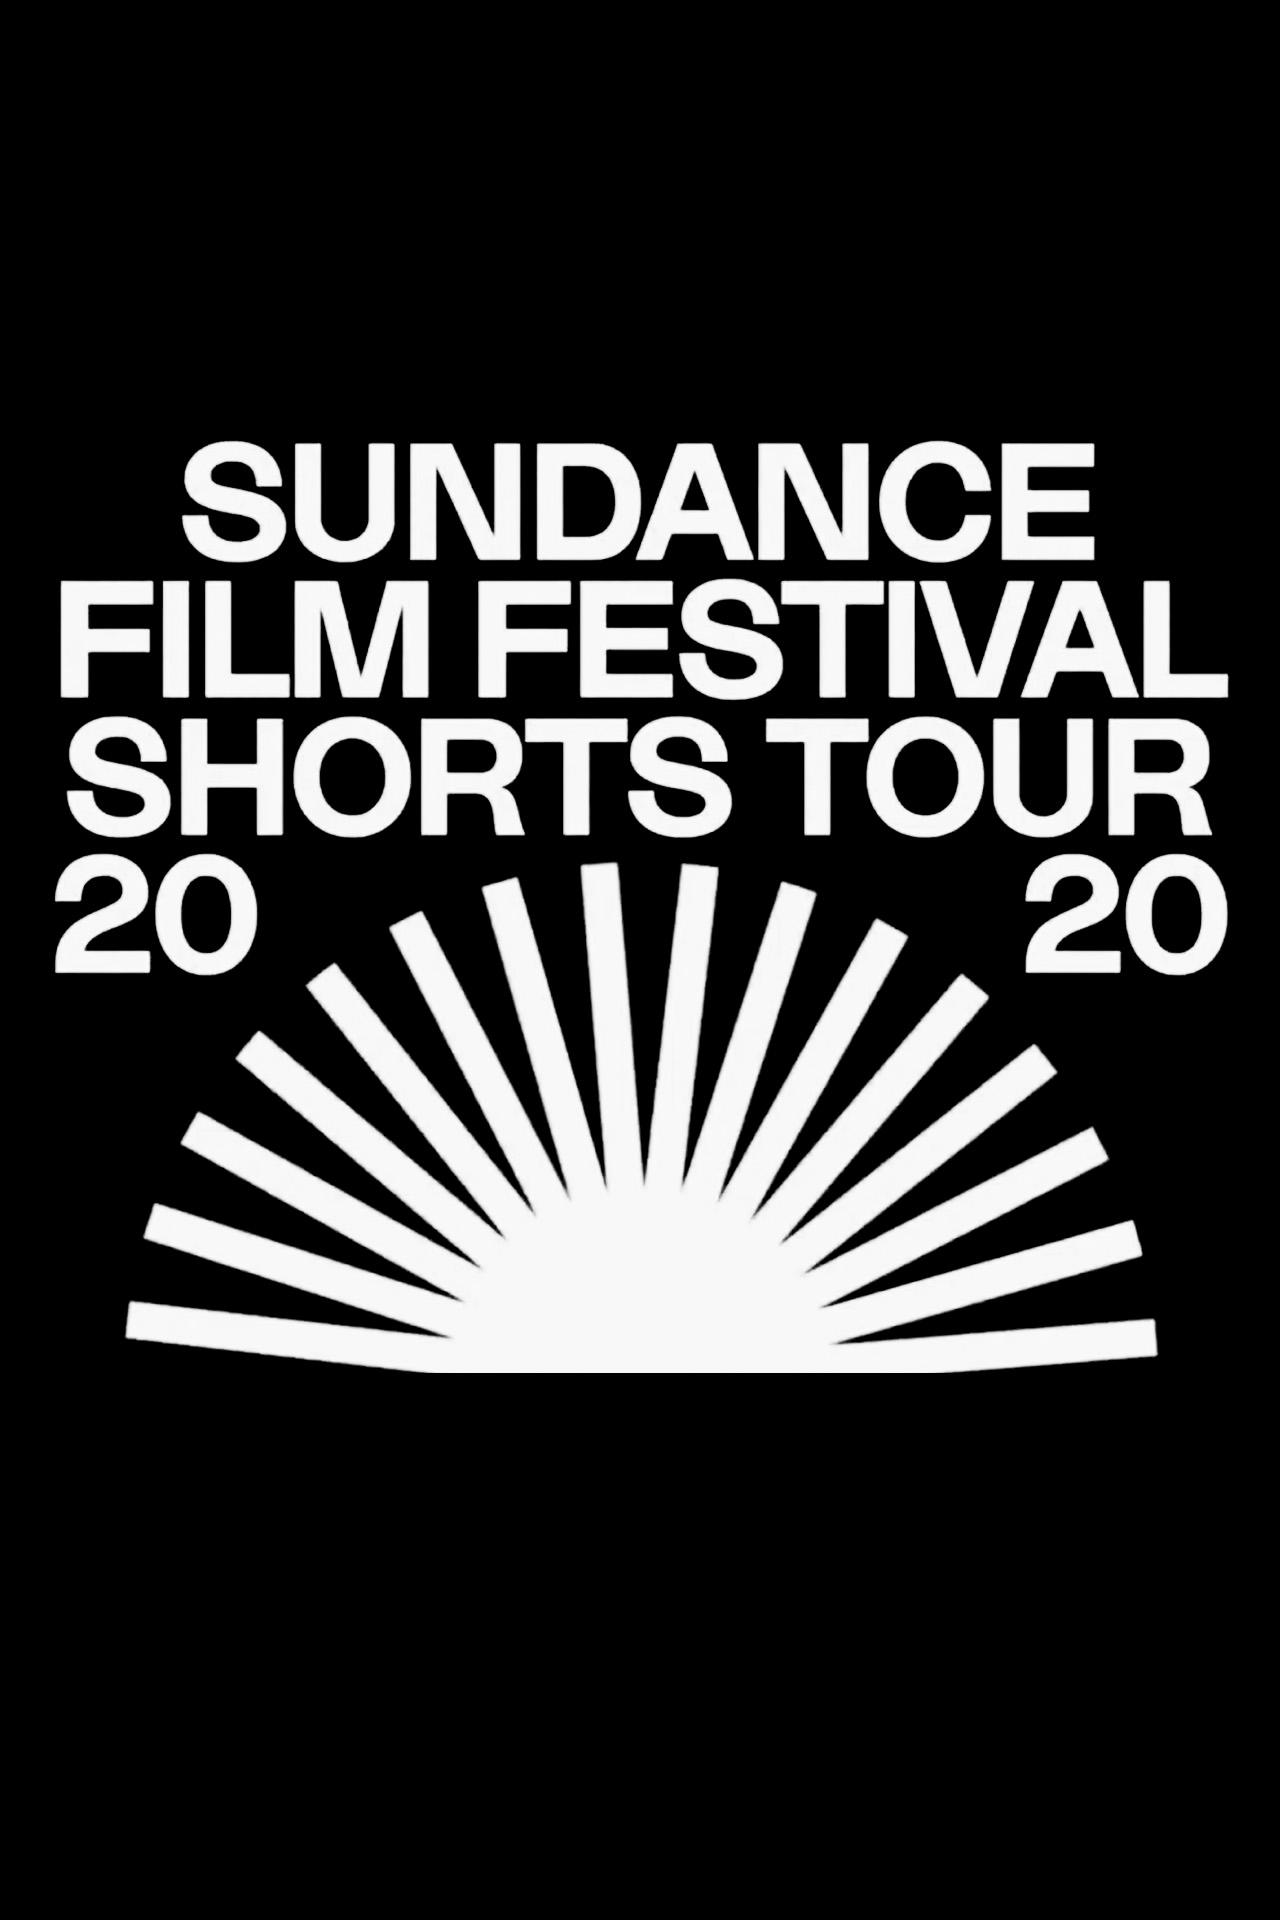 Poster for Sundance Film Festival Shorts Tour 2020